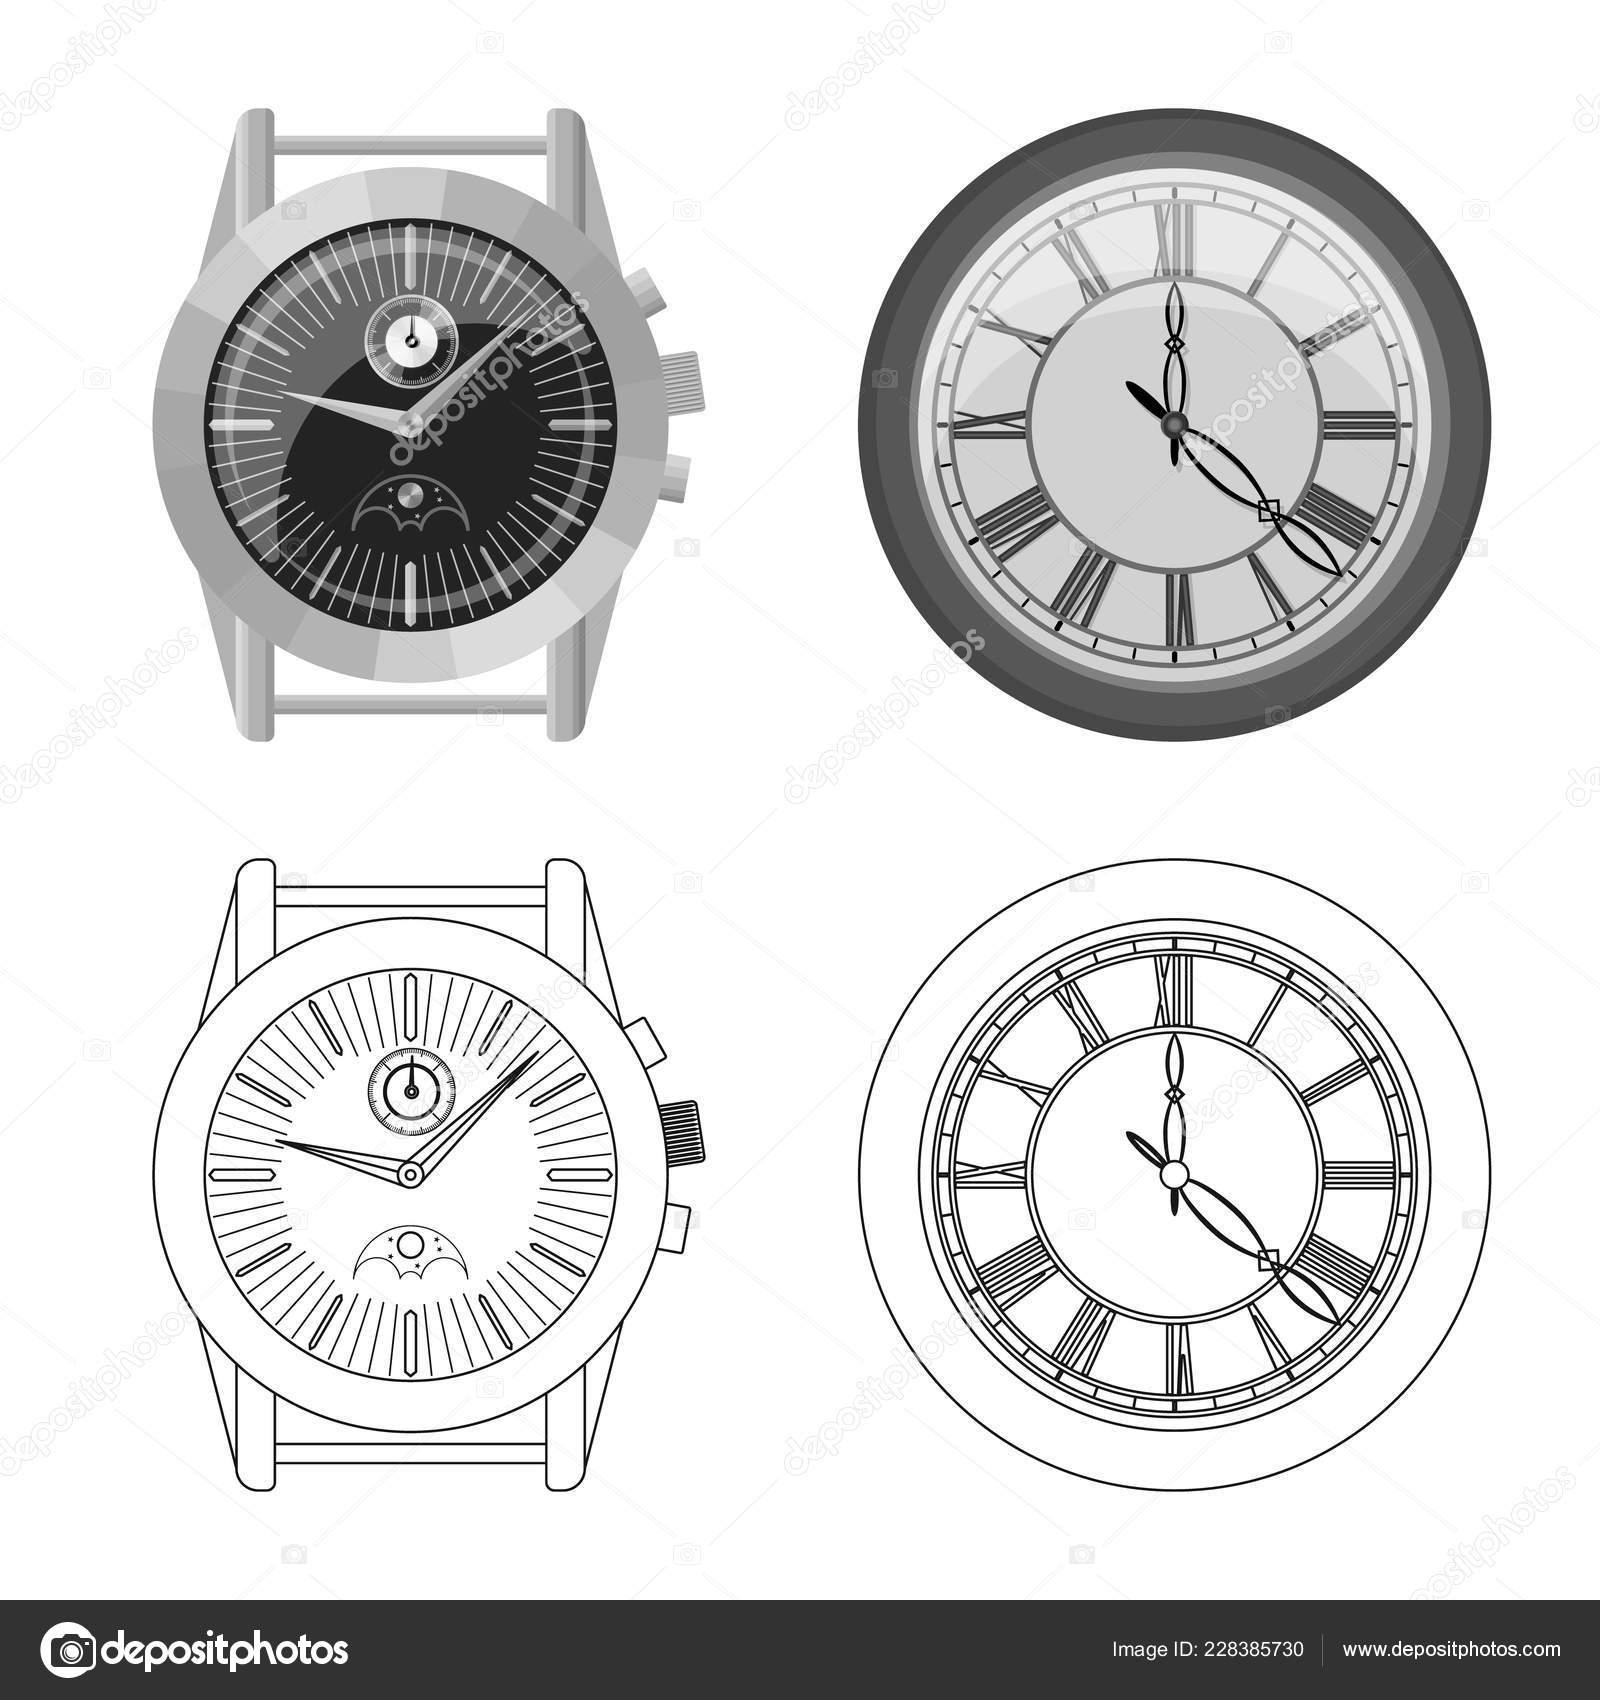 f3720802d395 Objeto aislado del icono del reloj y el tiempo. Colección de icono de  vector de